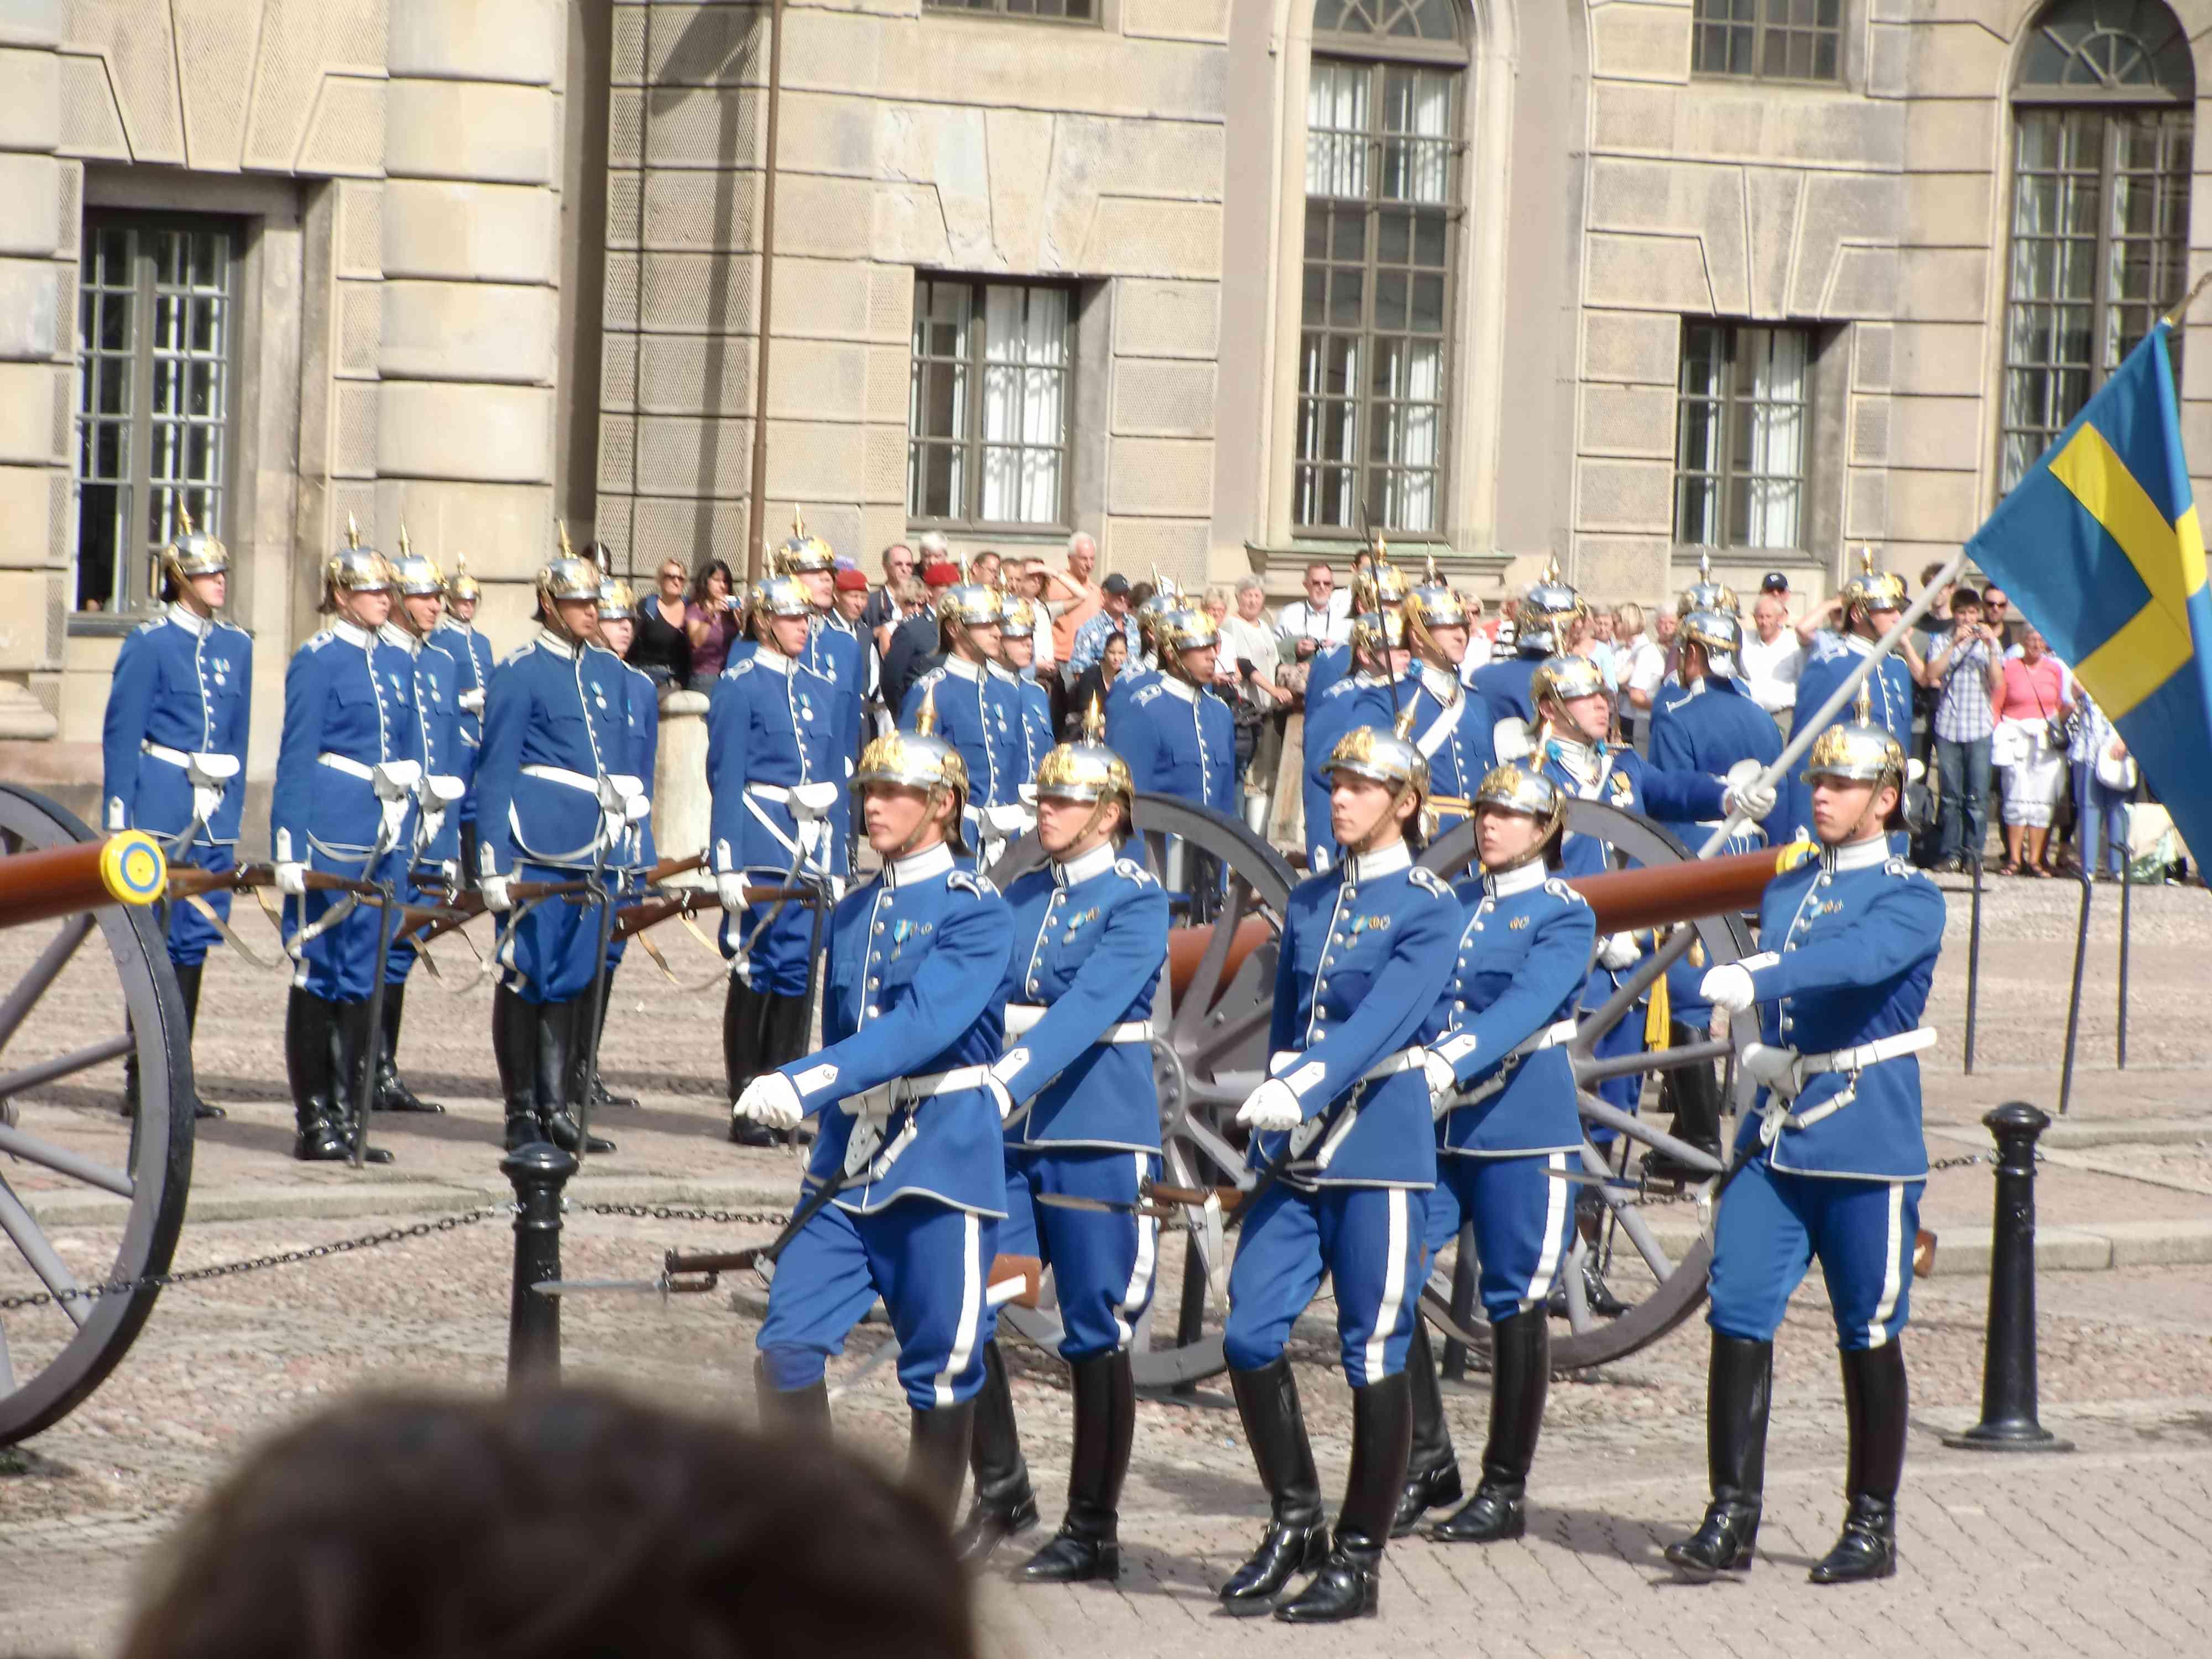 Stoccolma - palazzo reale cambio della guardia